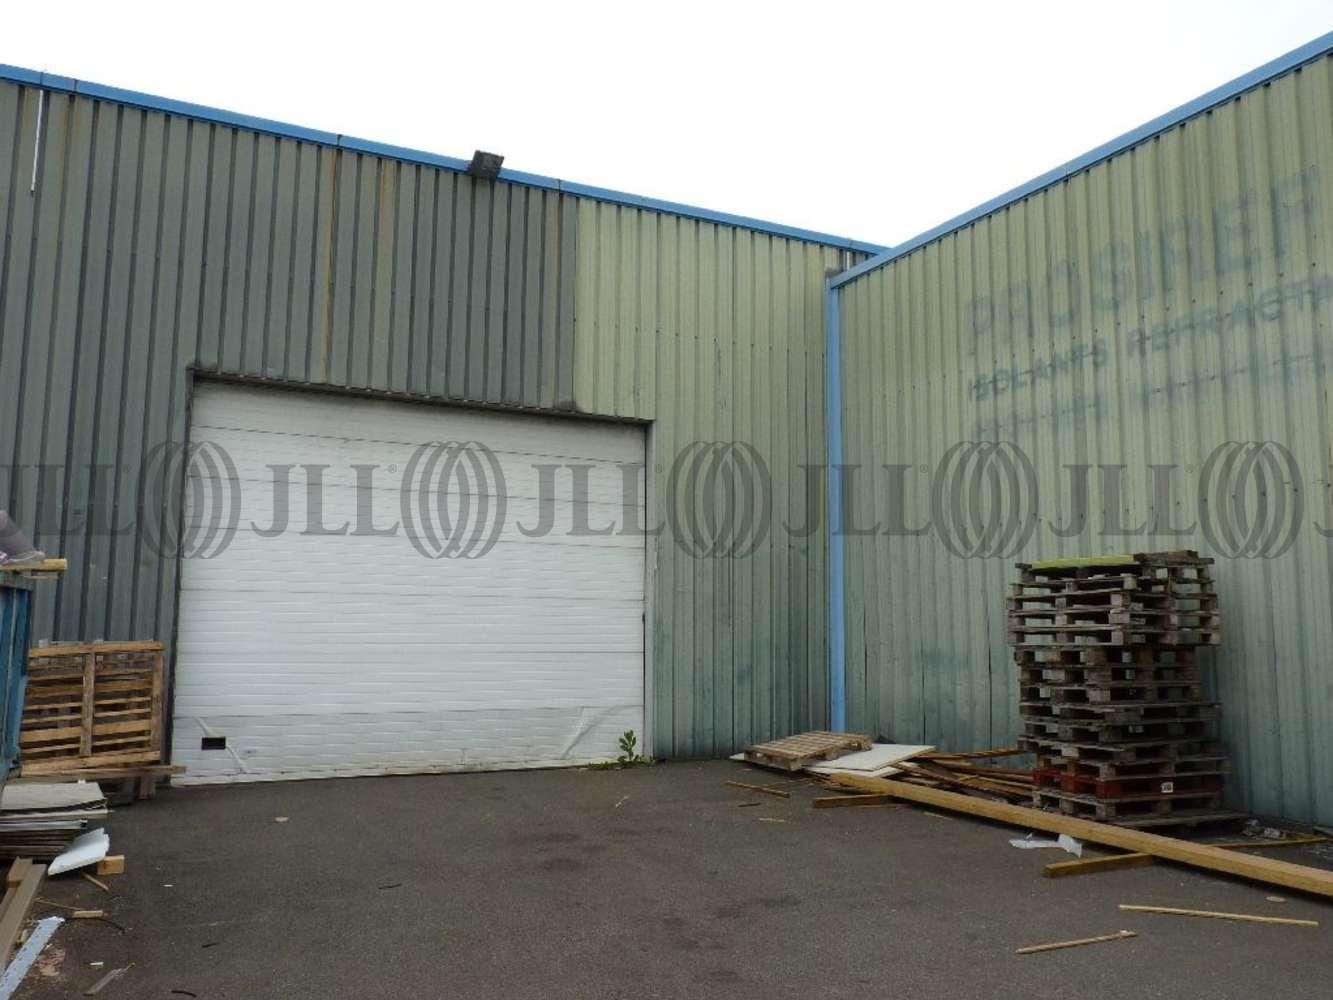 Activités/entrepôt Civrieux d azergues, 69380 - LOCATION ENTREPOT LYON NORD - 9630541